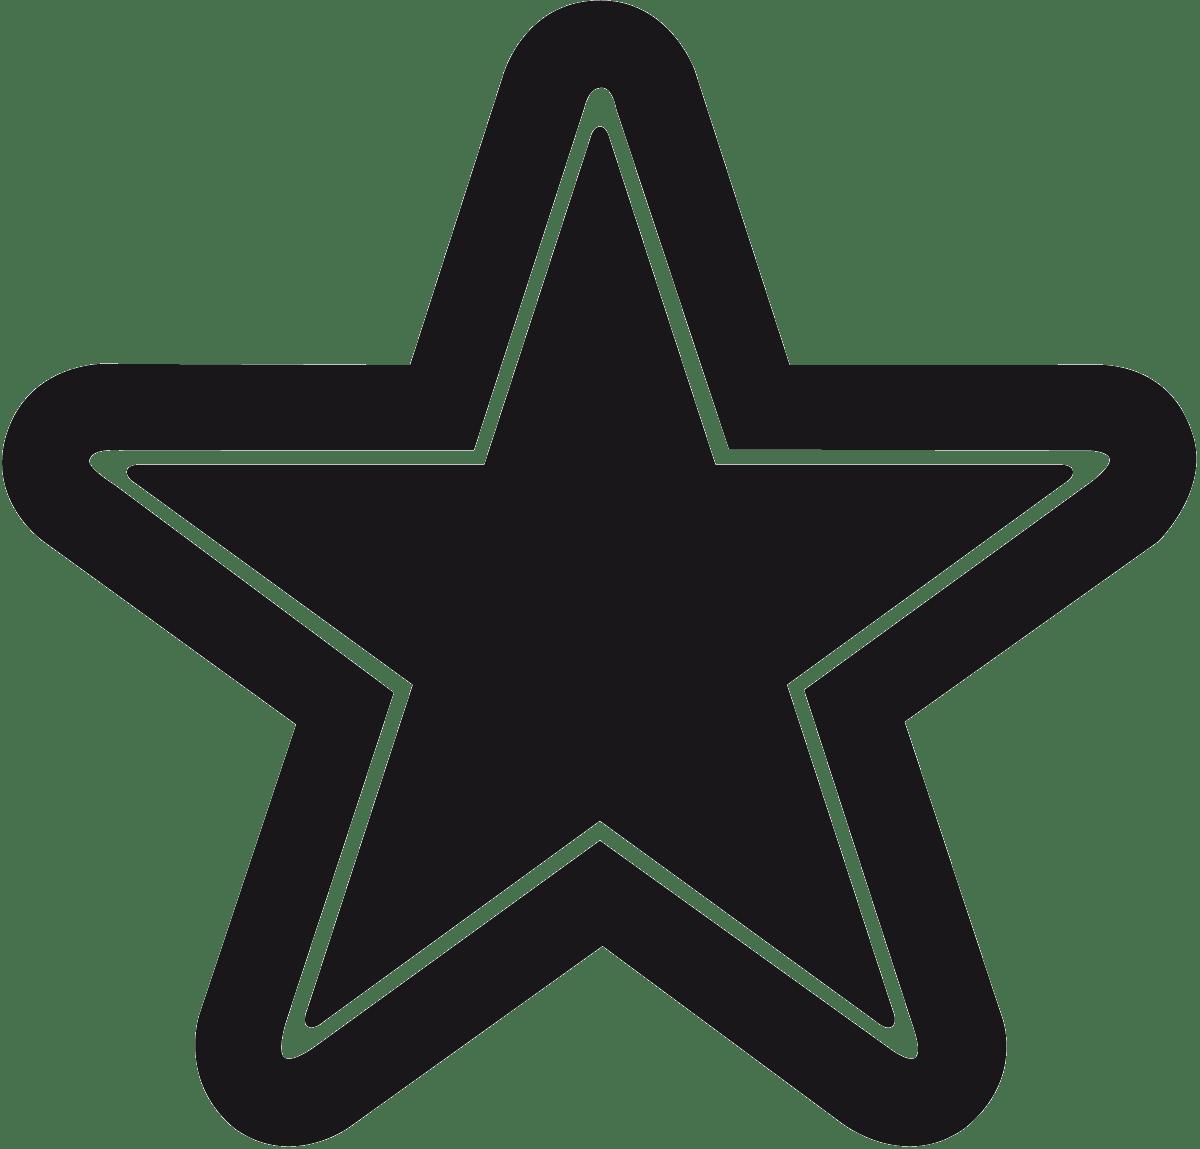 Wandtattoos: Estrella 733